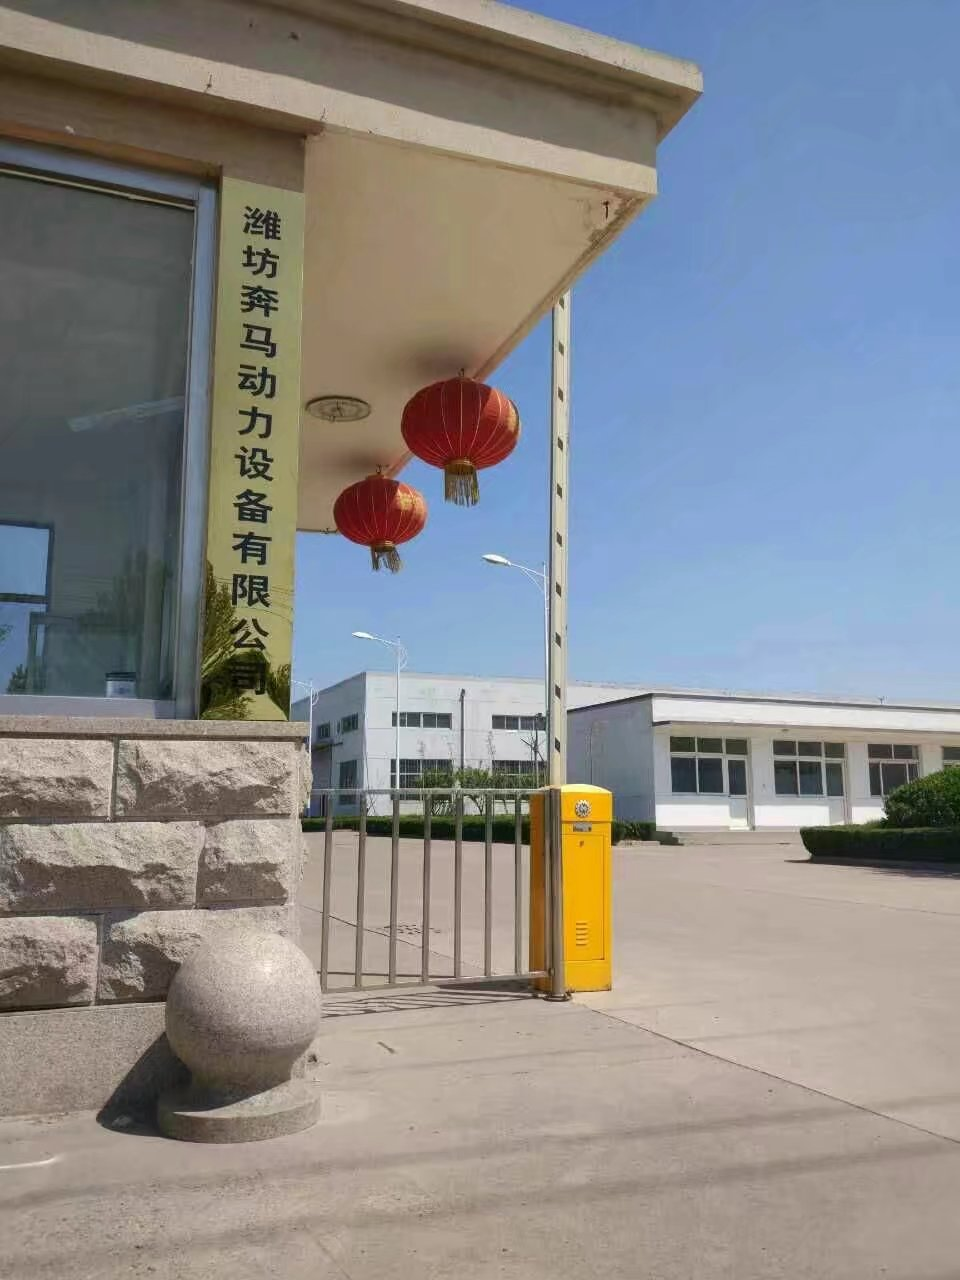 潍坊奔马30KW柴油发电机组机房机房布置示意图 及准备工作的注意事项|公司新闻-潍坊奔马动力设备有限公司